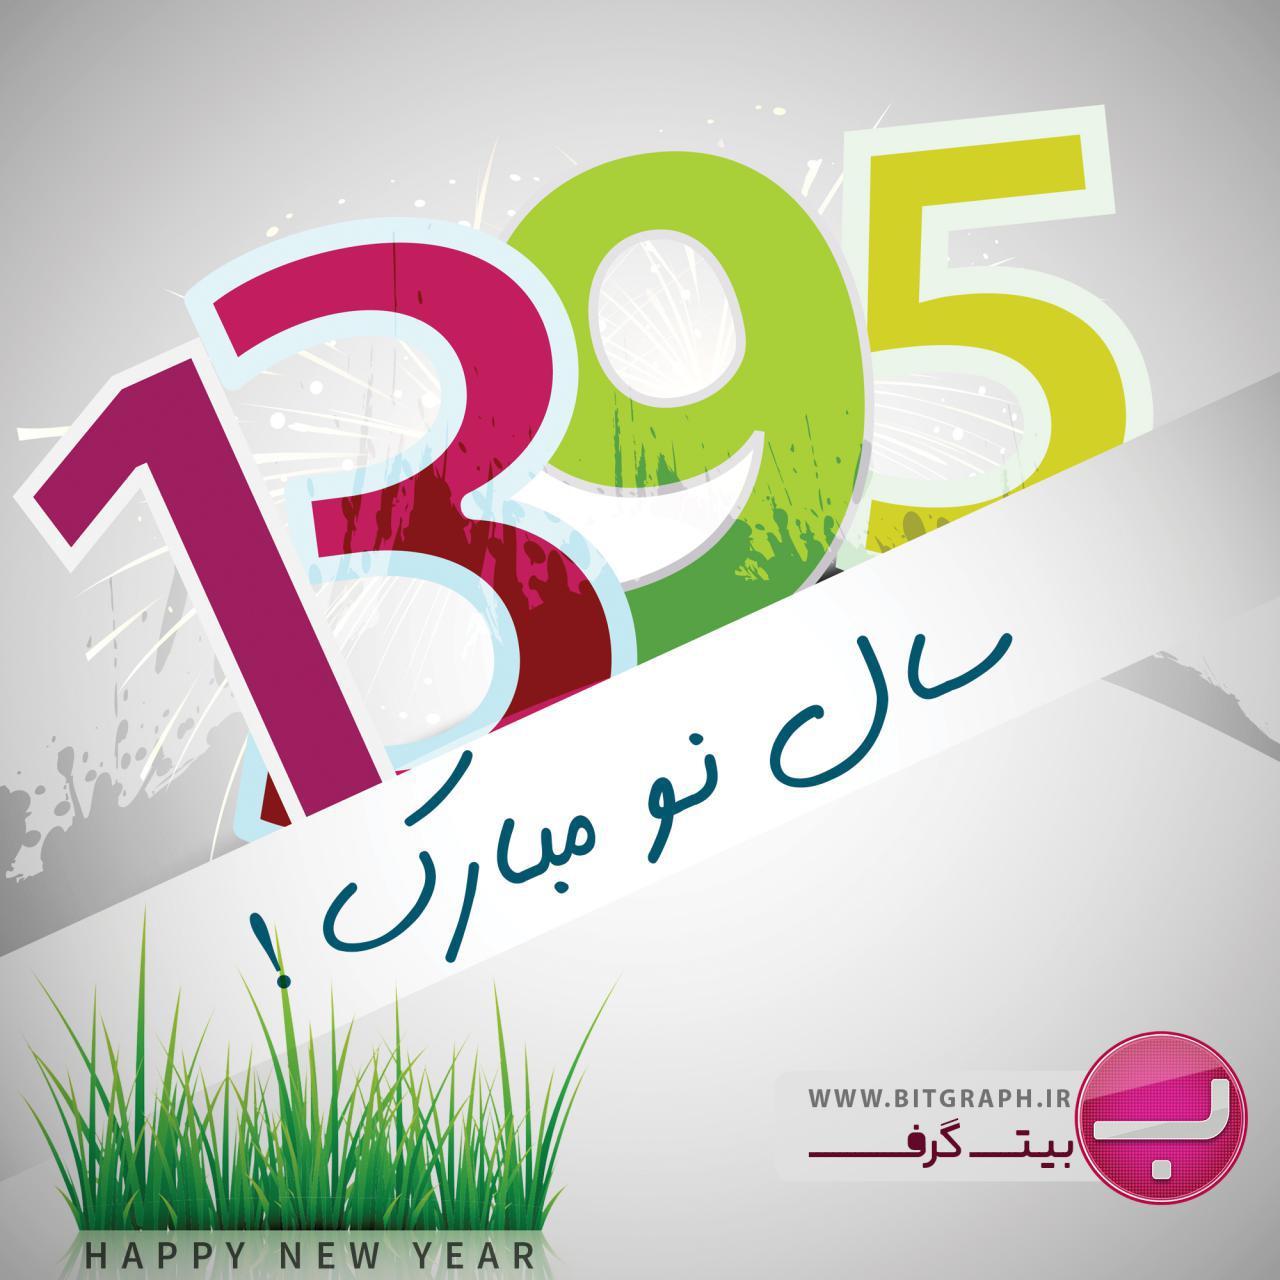 وکتور و فایل لایه باز تبریک نوروز ۱۳۹۵